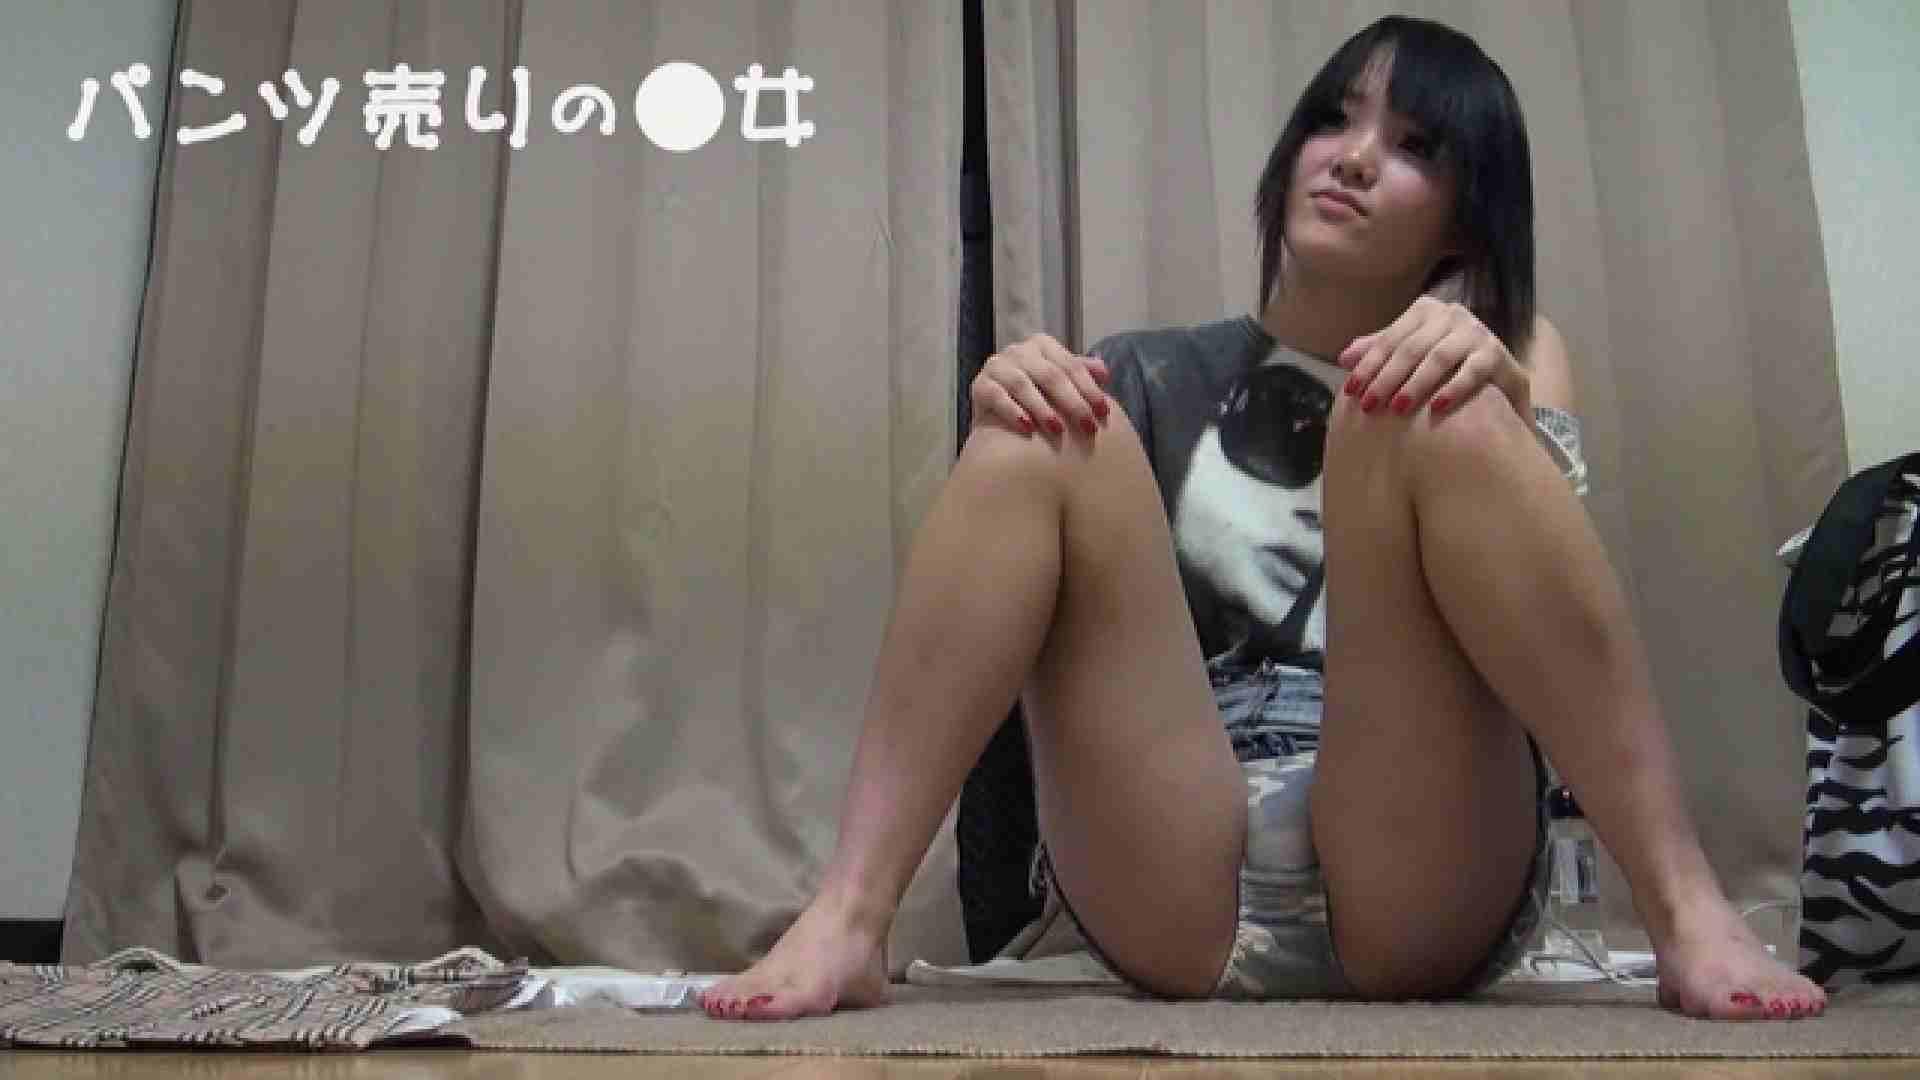 新説 パンツ売りの女の子mizuki02 おまんこ  87PIX 8